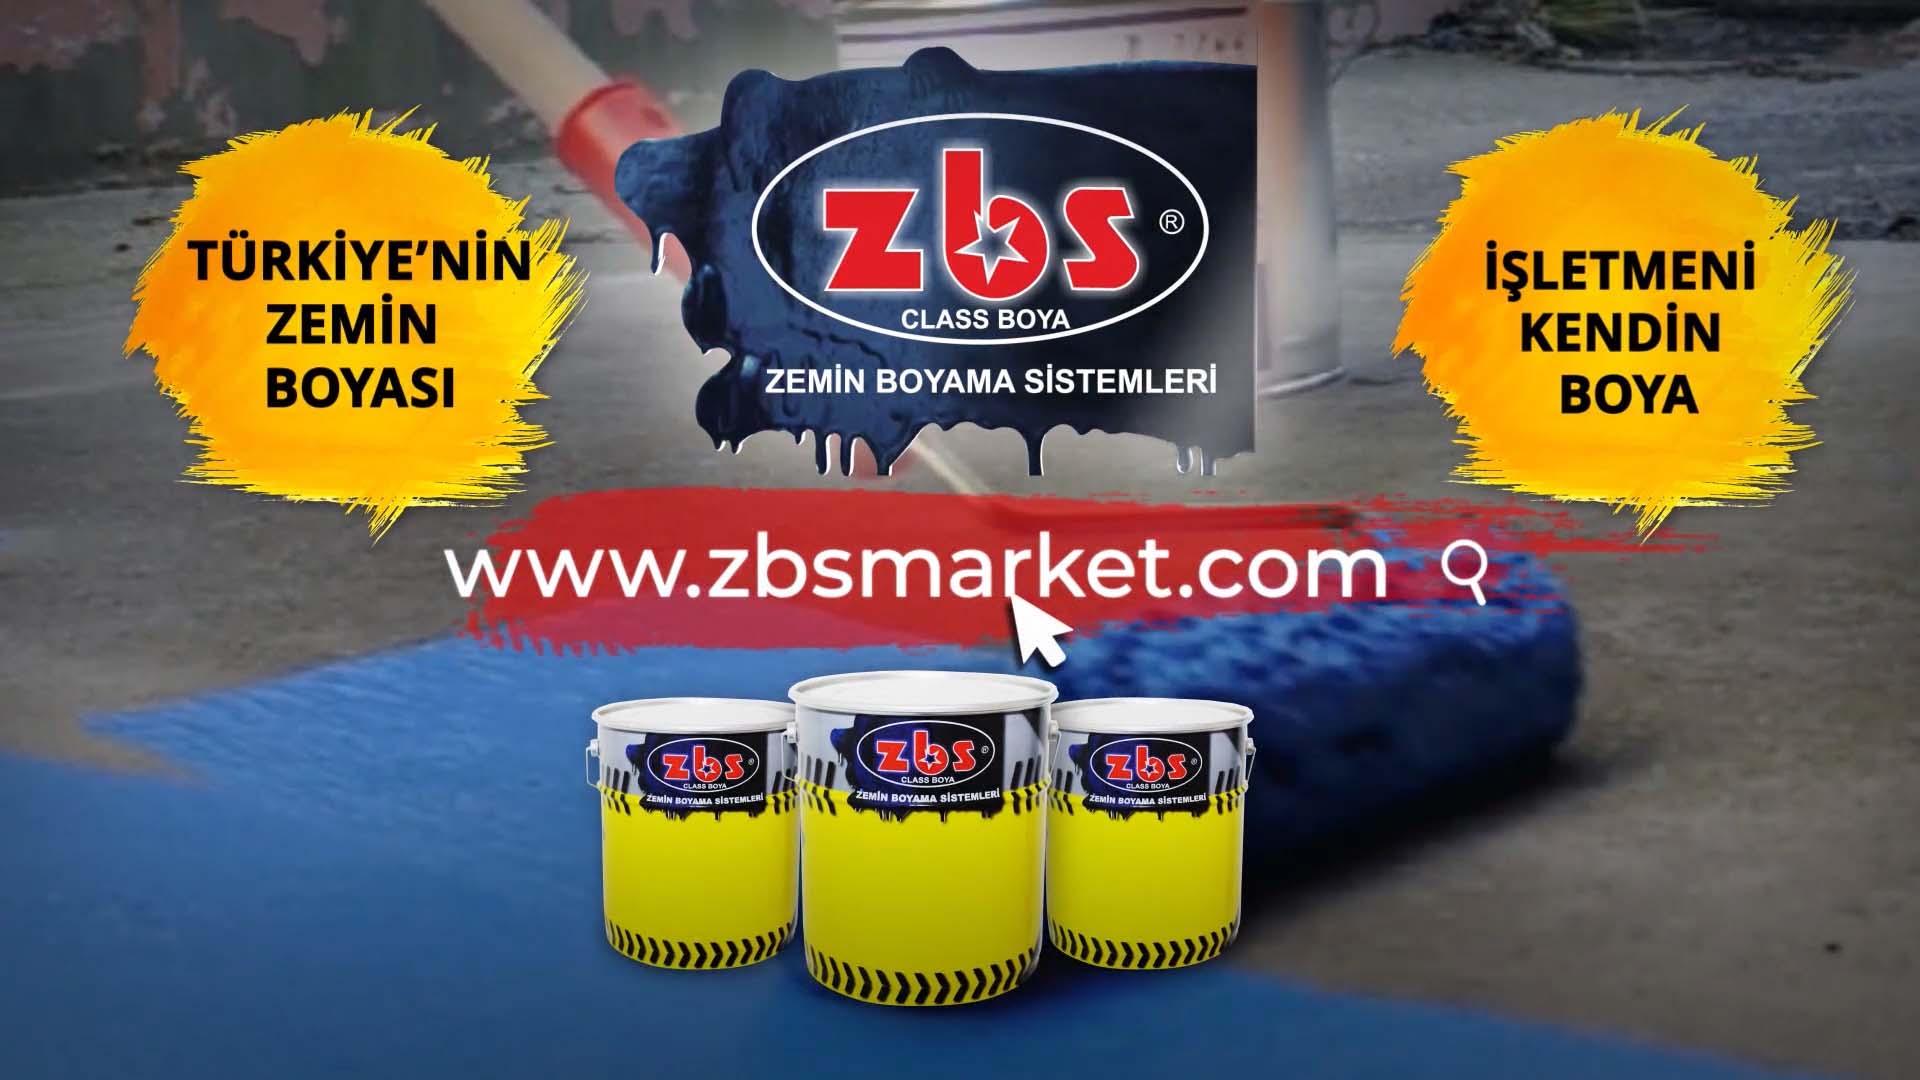 ZBS Zemin Boyası, 5N1K programı ana sponsorluk reklamı